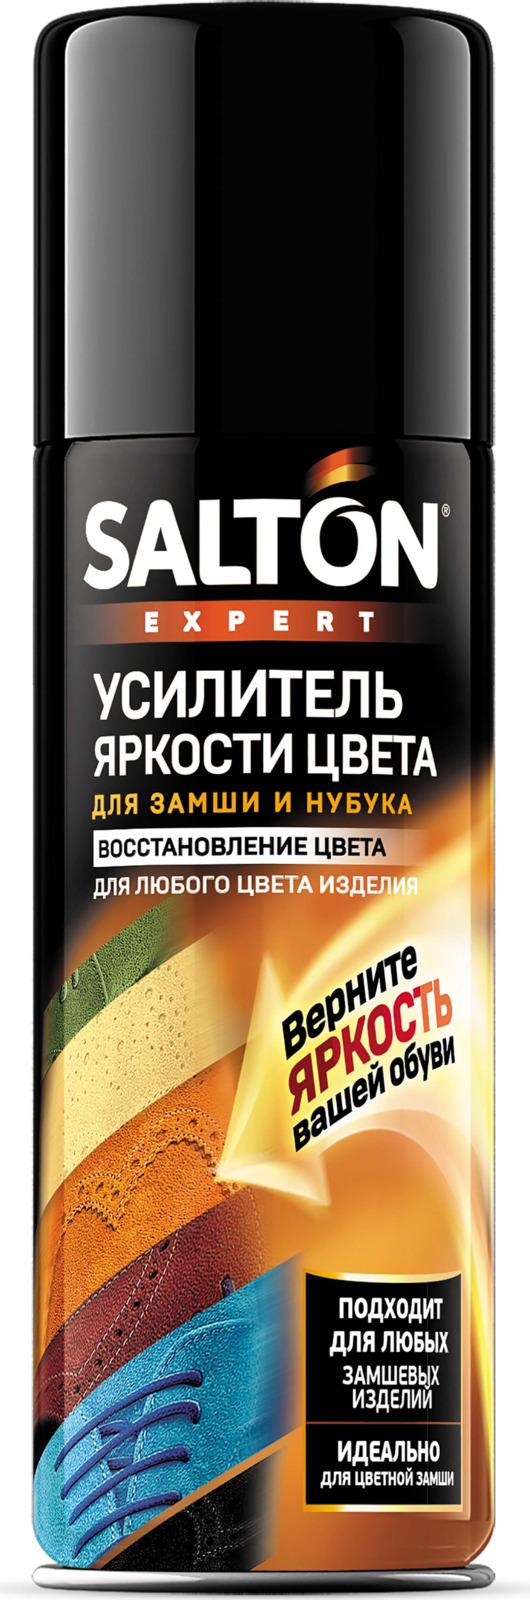 Средство для обуви и одежды Salton Expert усилитель яркости цвета для замши, нубука и велюра, 53200, прозрачный, 200 мл щетка для замши нубука и велюра штрих основной уход тройная цвет фиолетовый белый